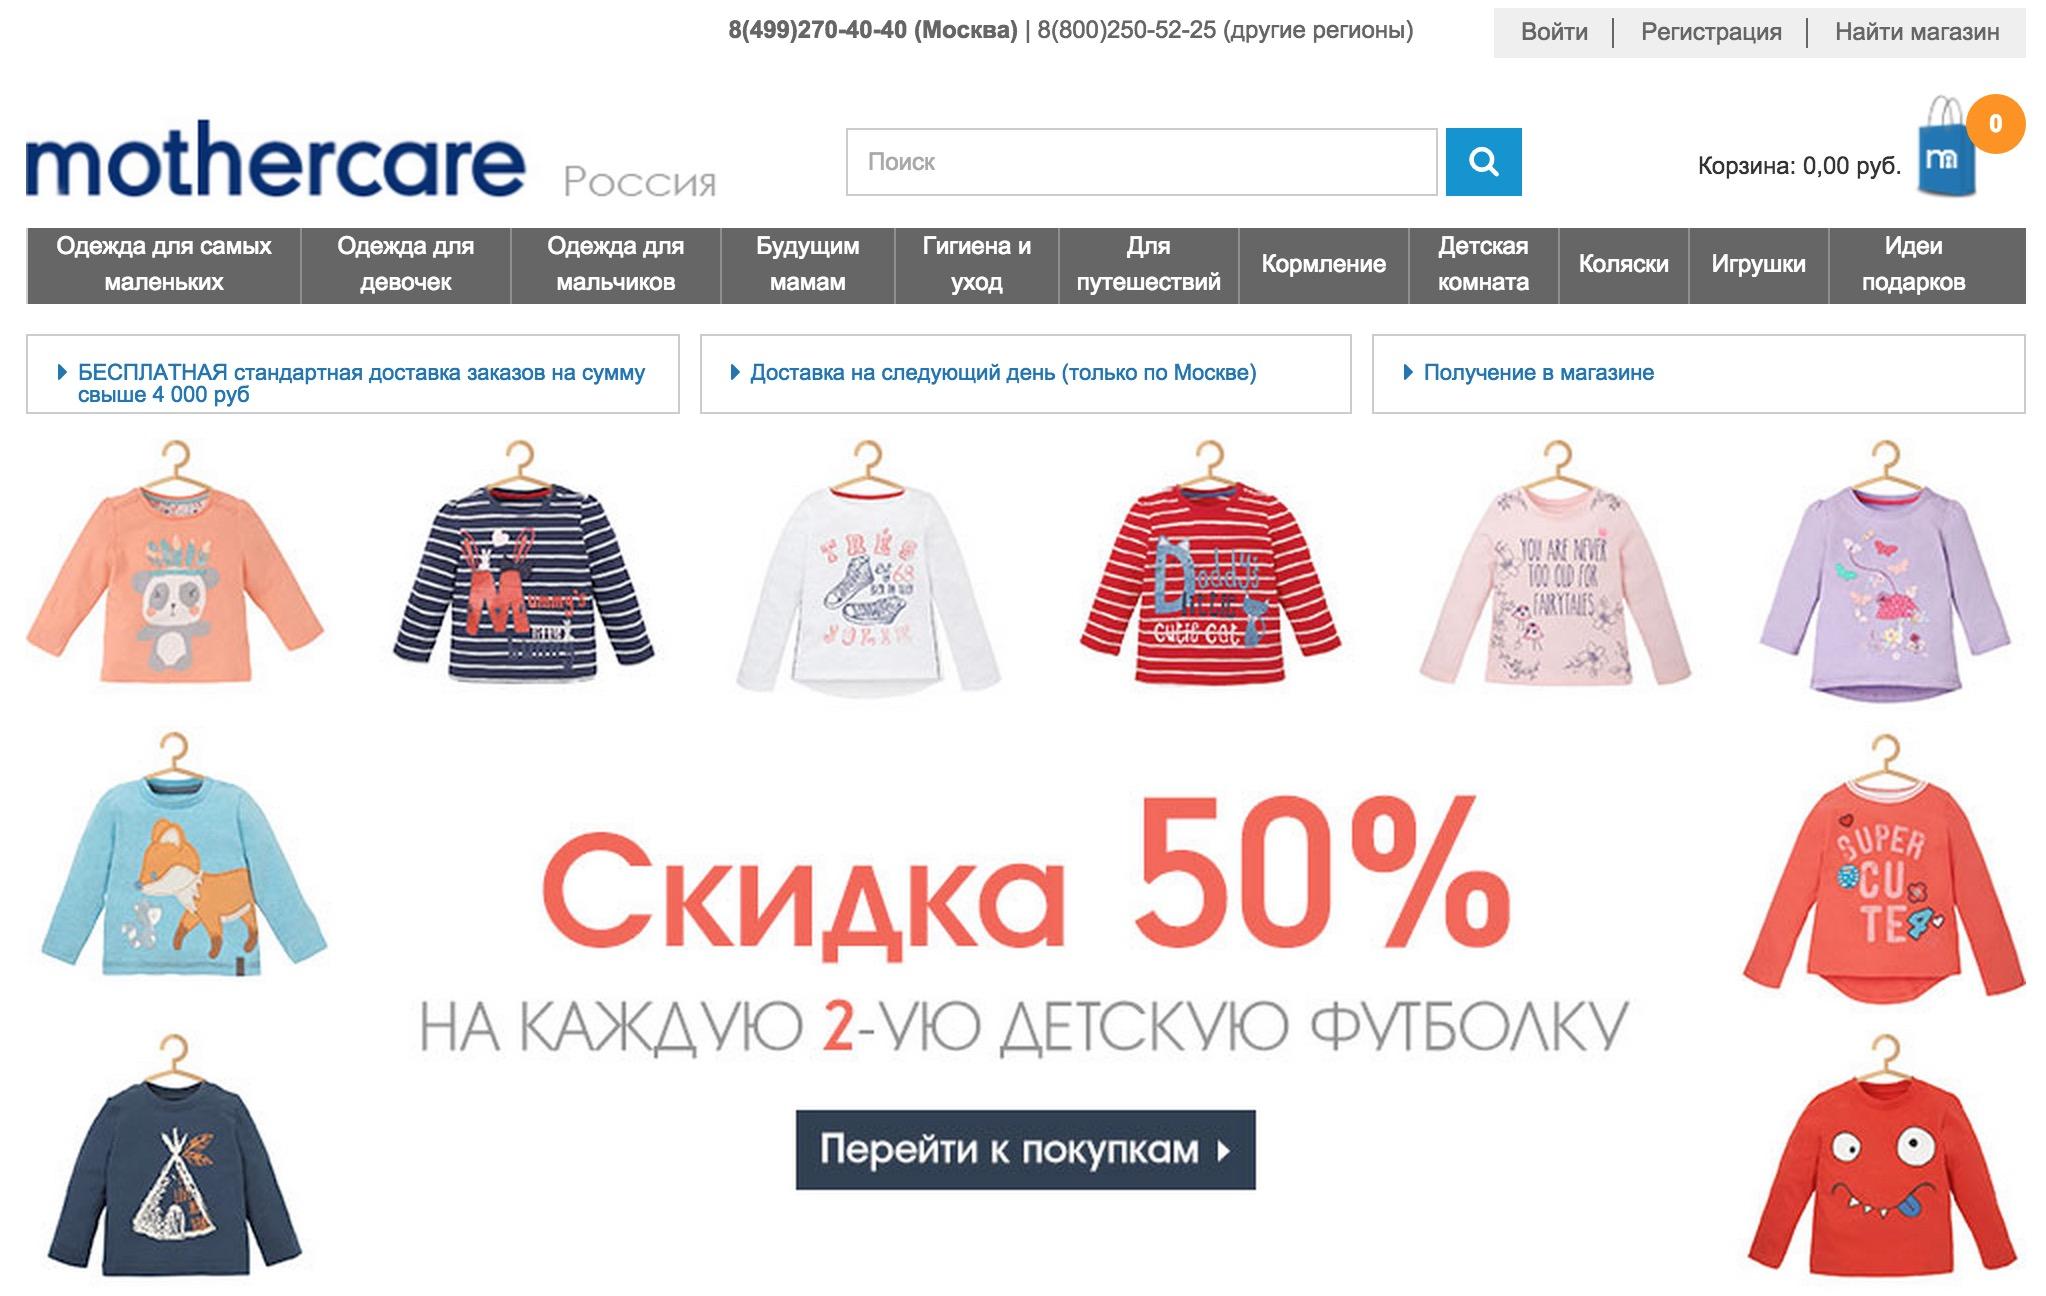 8af09ca3e087 Купить детские товары бренда можно в Москве, Краснодаре, Уфе, Сургуте.  Также действует фирменный интернет-магазин компании!